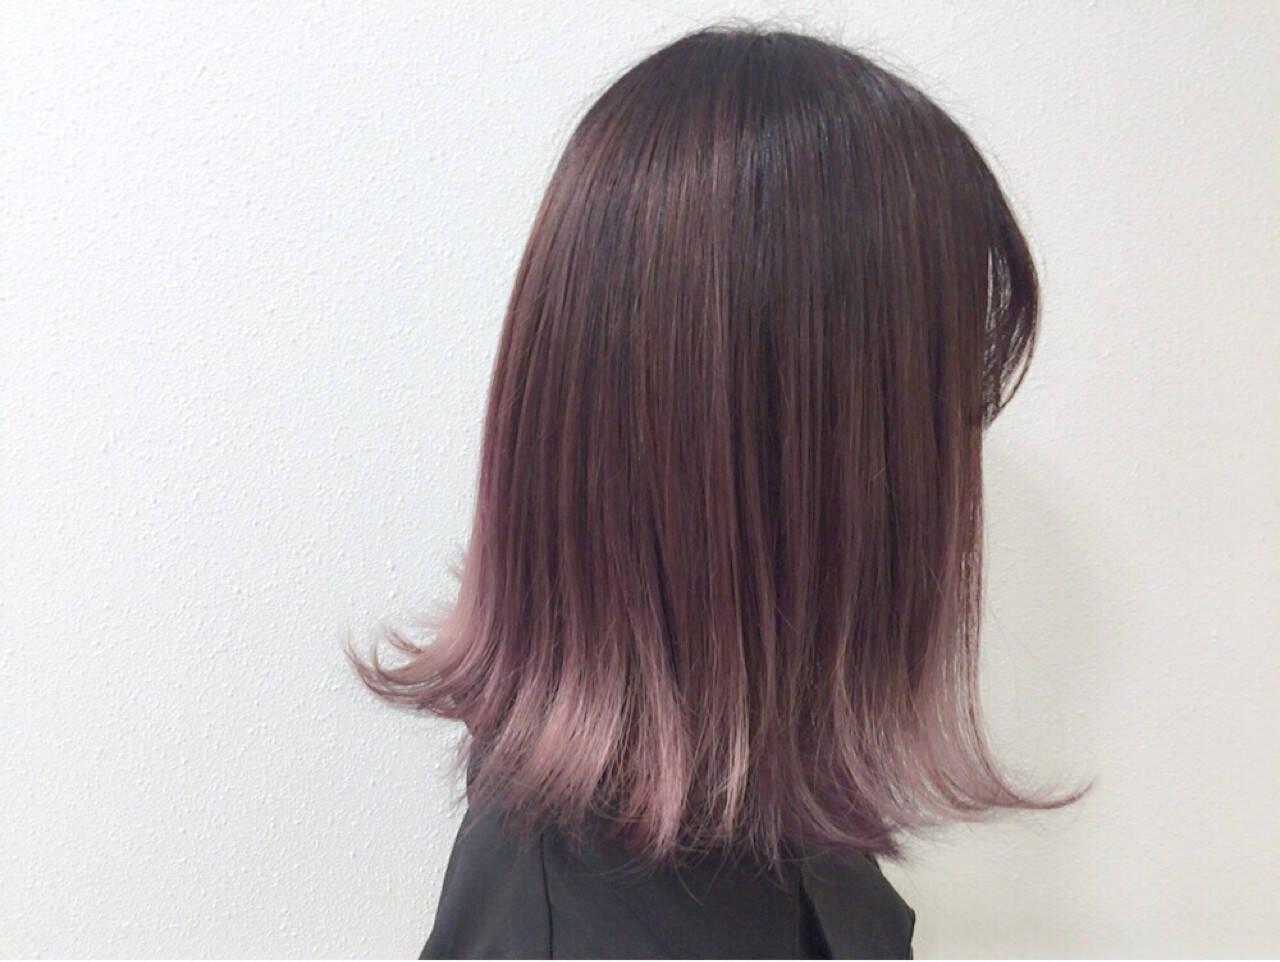 ピンク ガーリー ラベンダーピンク ブリーチヘアスタイルや髪型の写真・画像